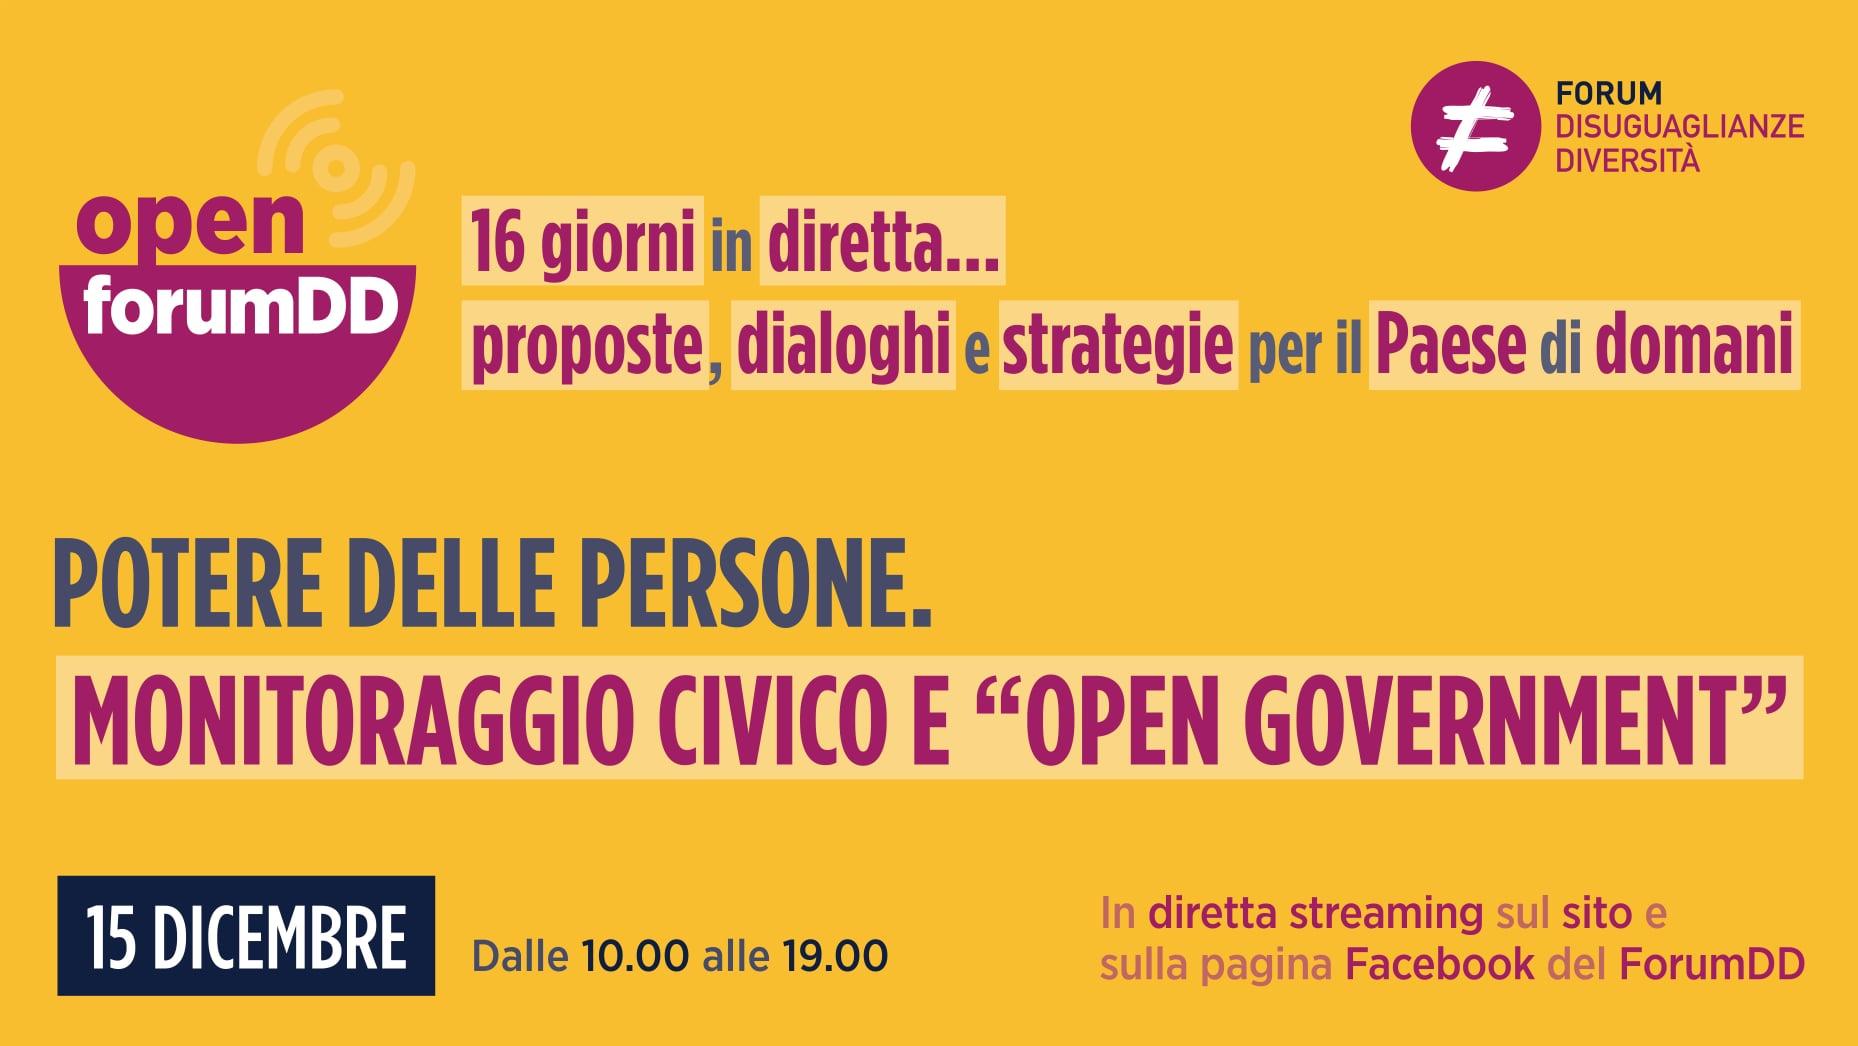 openforum_sbilanciamoci_monitoraggioCivico_15dicembre20